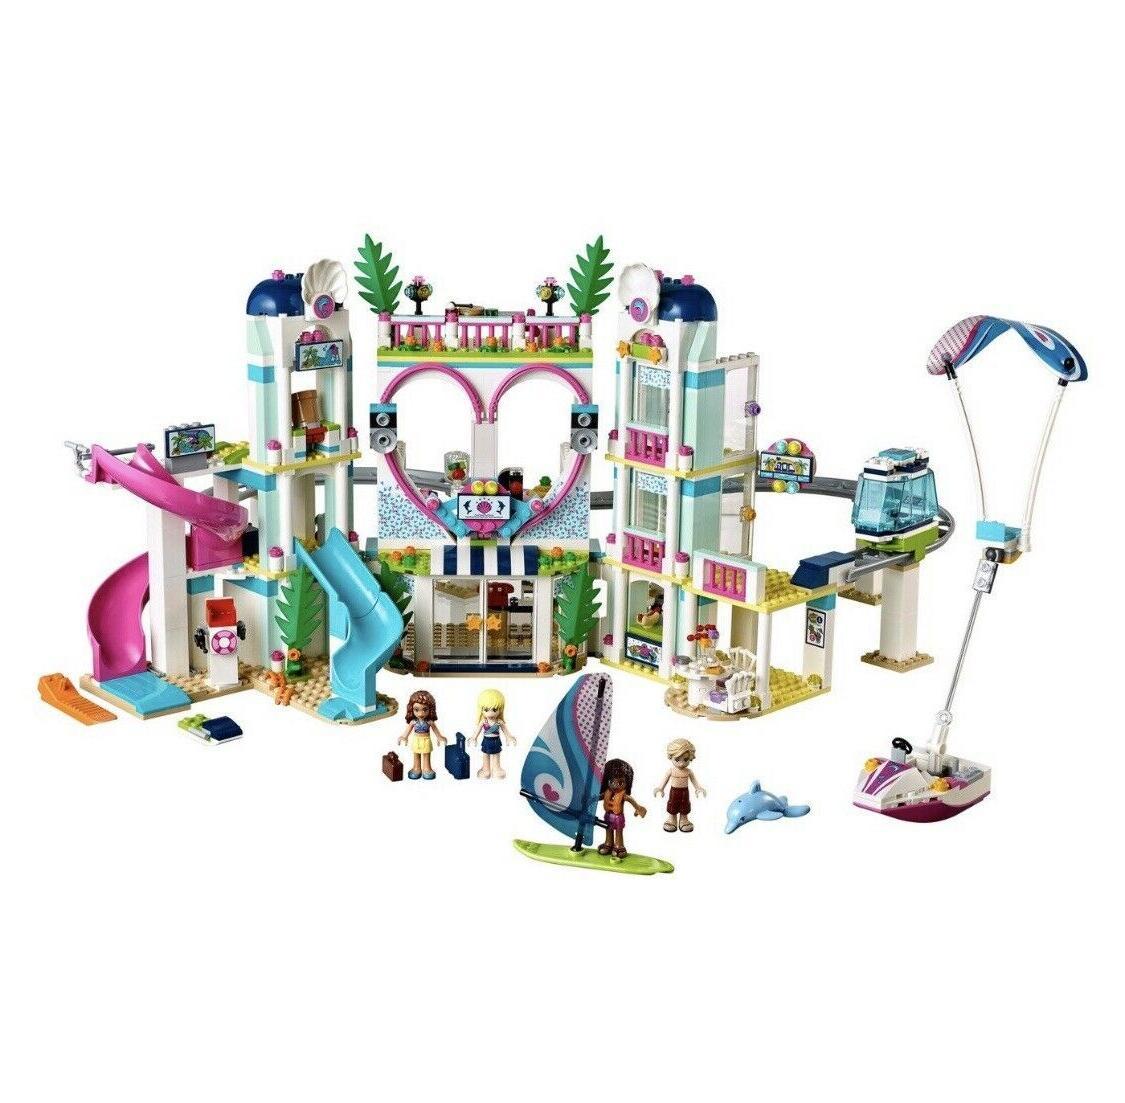 LEGO® Friends Heartlake Waterpark Resort Sets 1017P